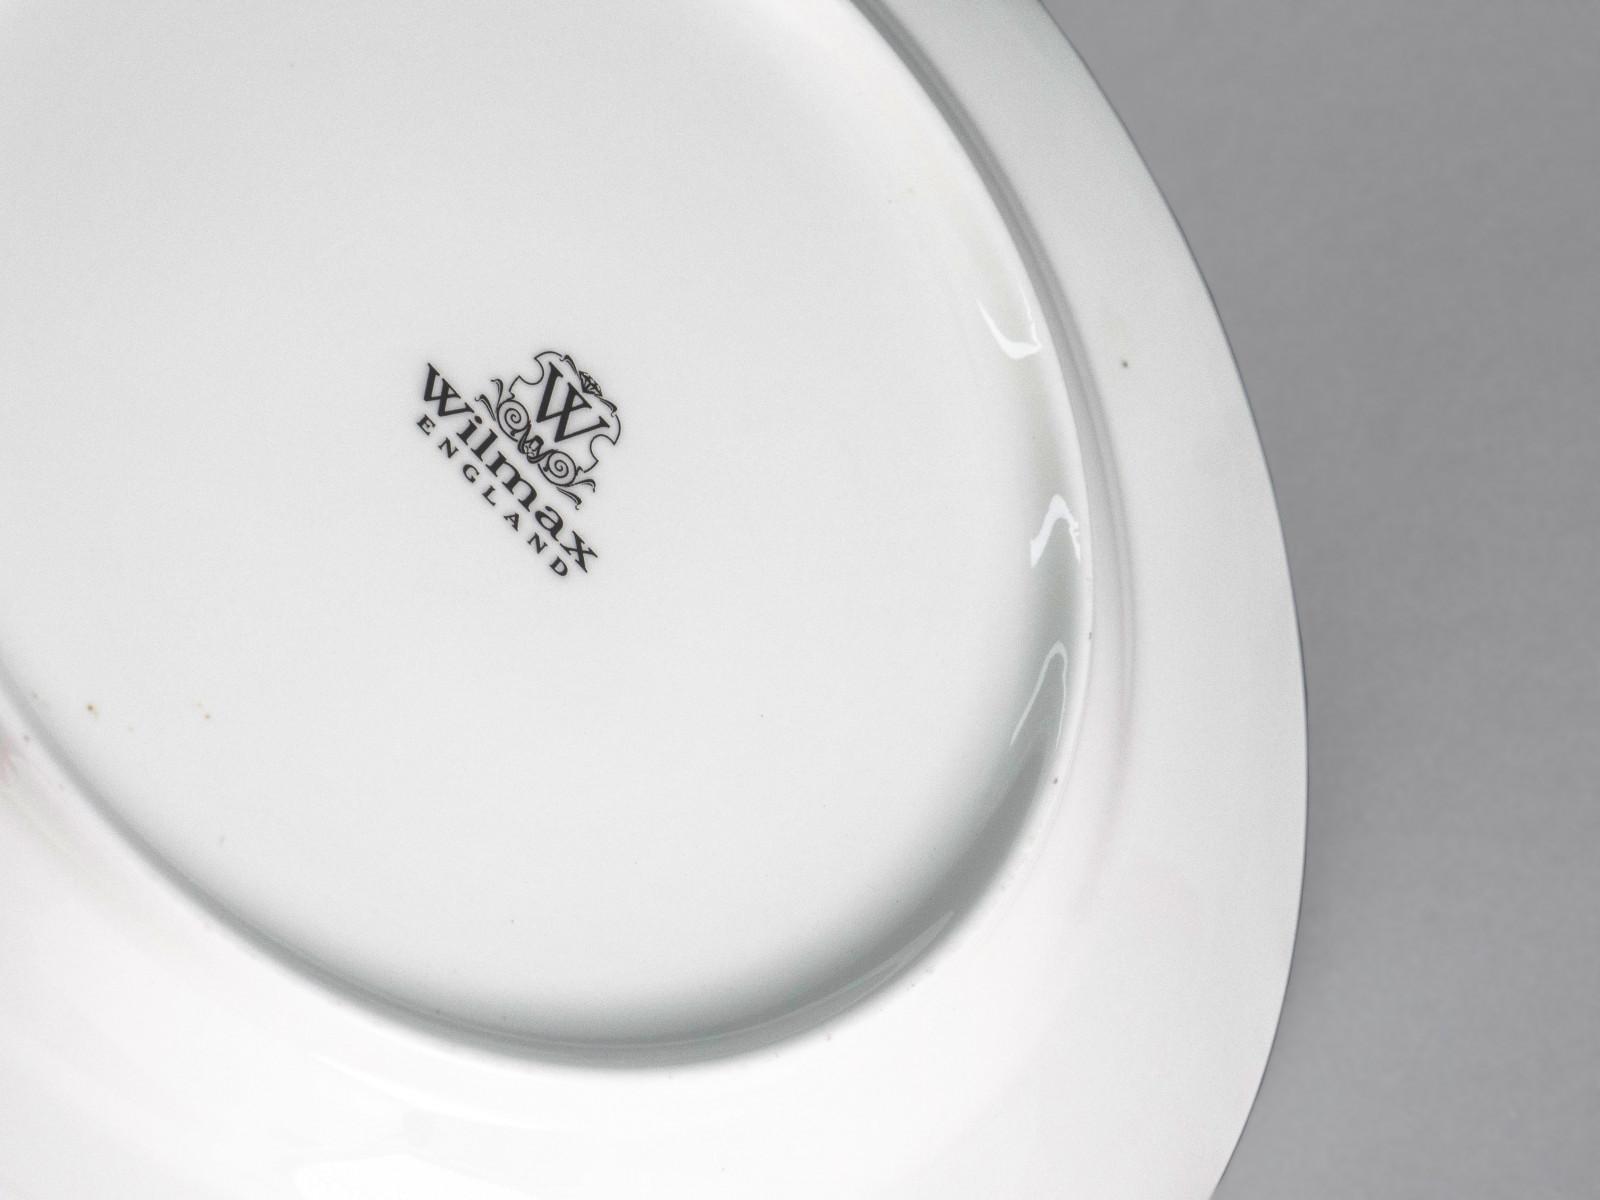 Фарфорова тарілка десертна кругла 18см Wilmax WL-991005